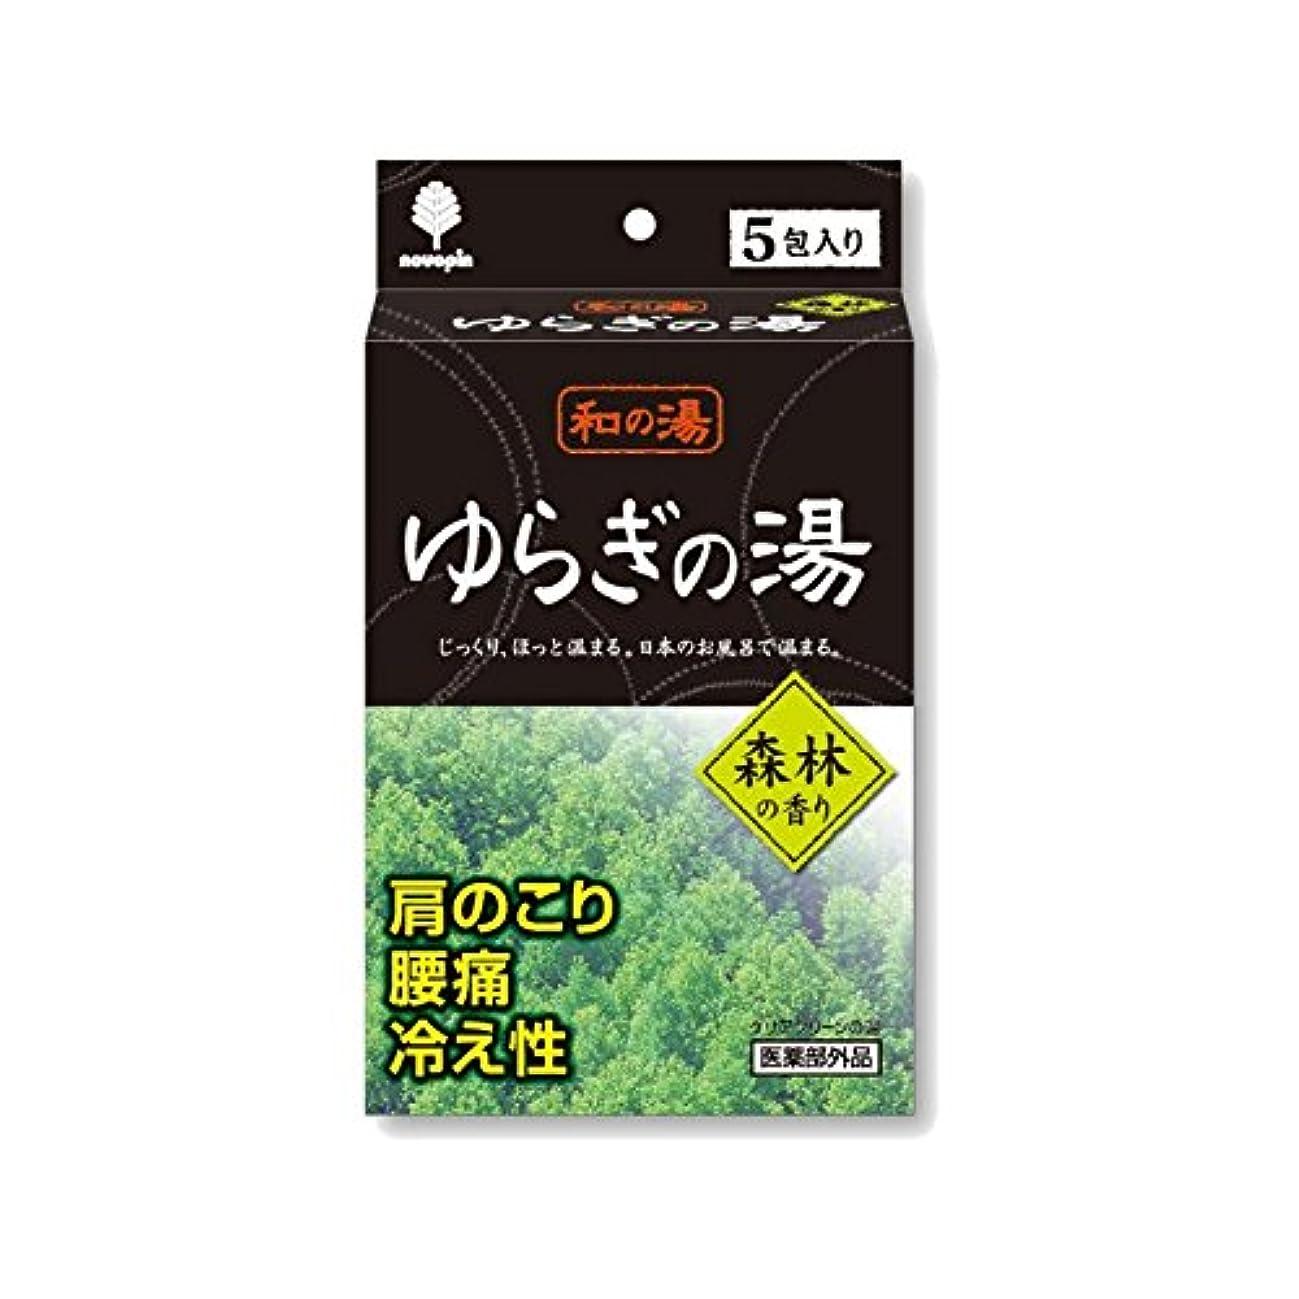 ラジウムリーク入植者和の湯 ゆらぎの湯 森林の香り(25gx5)x10